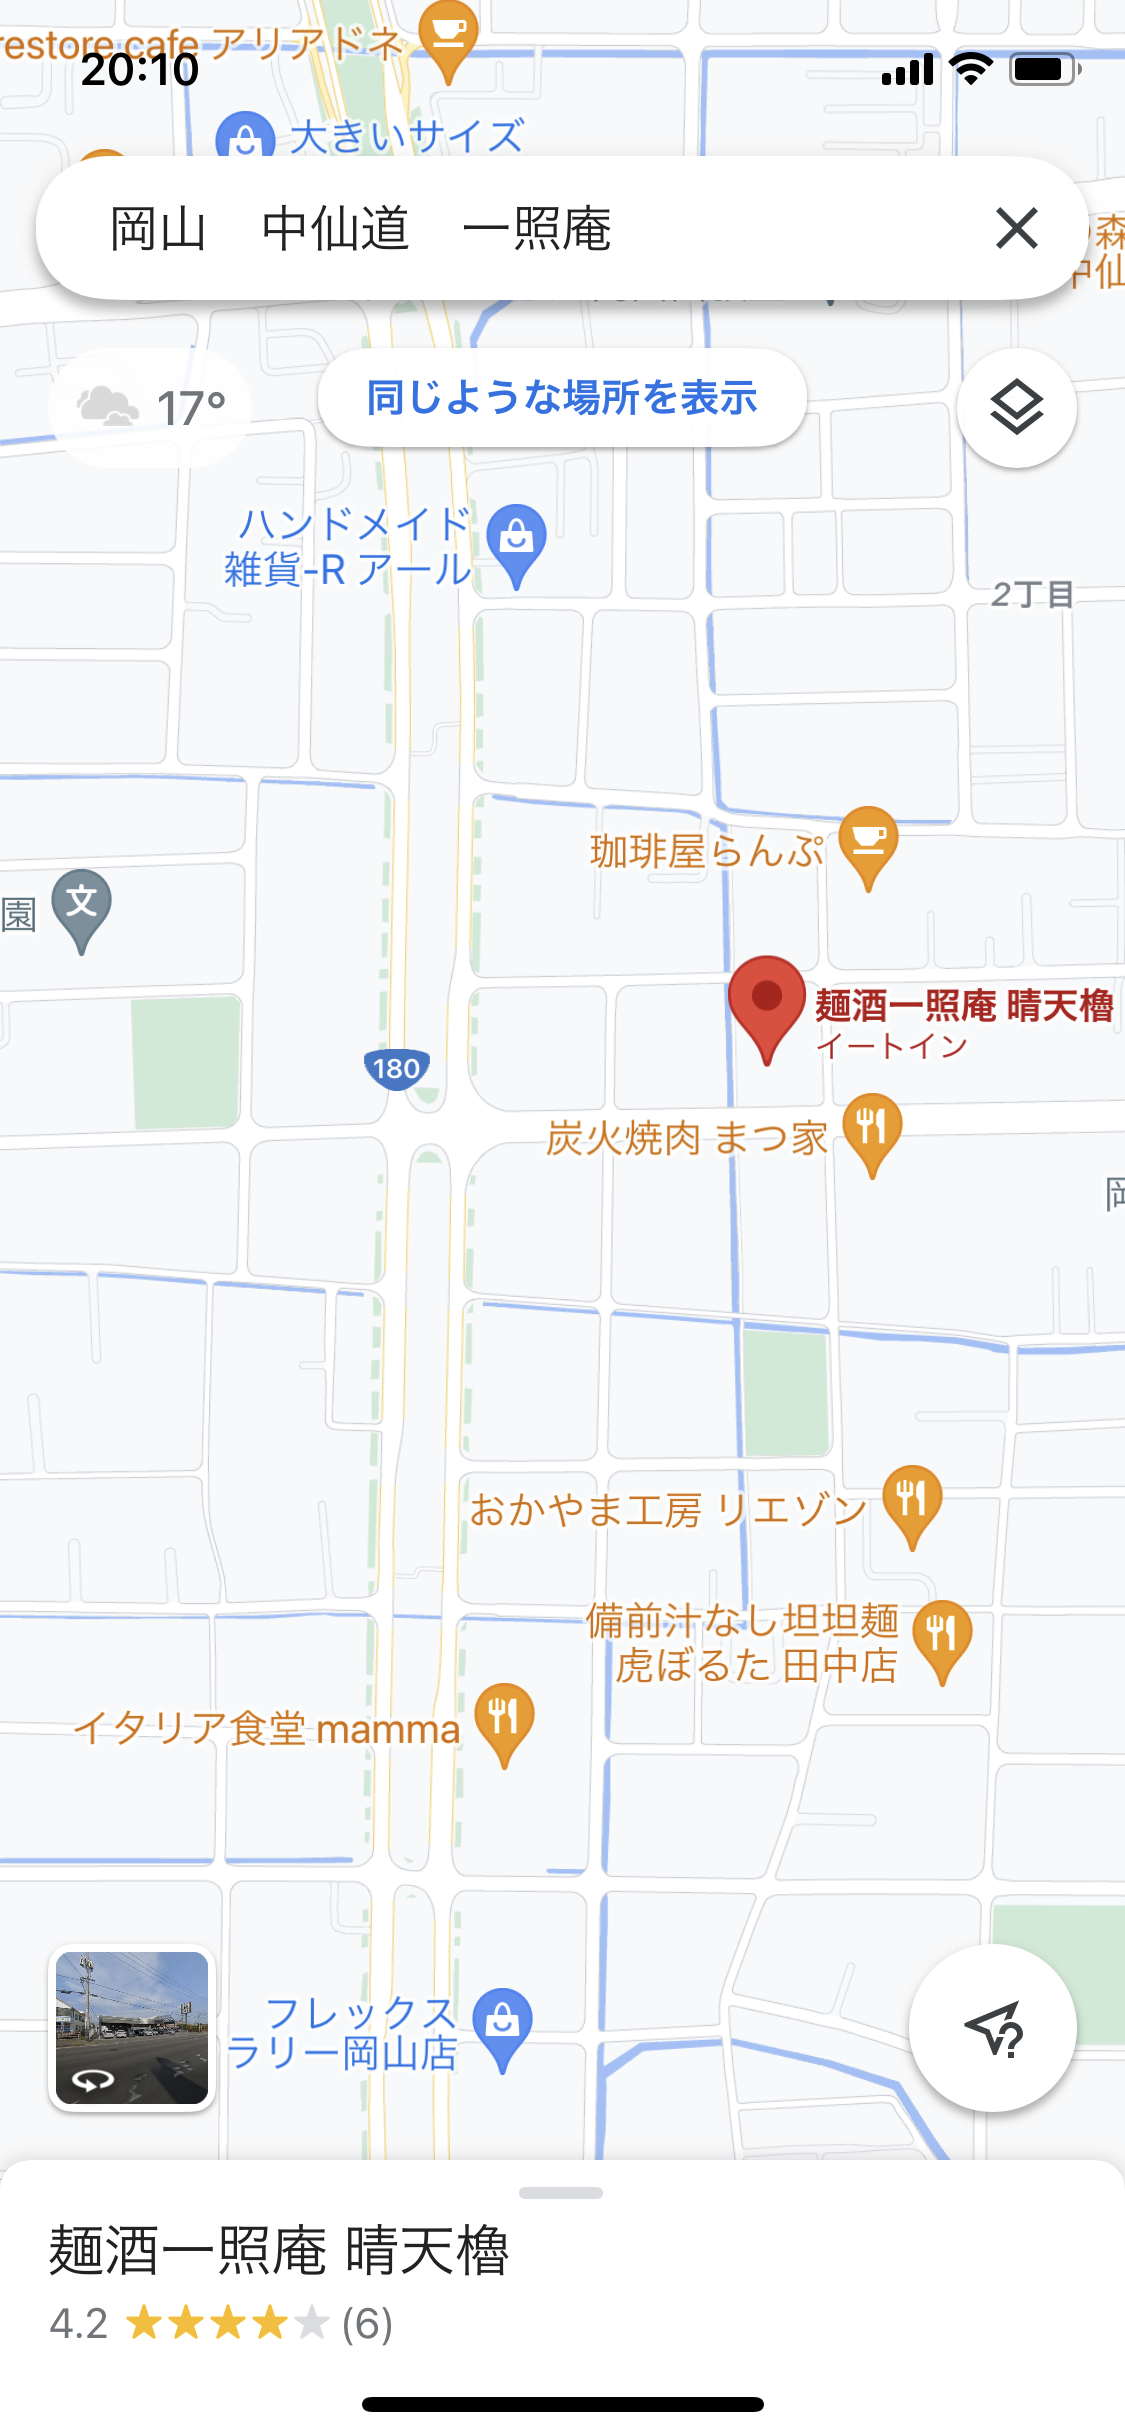 麺酒一照庵 晴天櫓 様 御開店おめでとうございます!